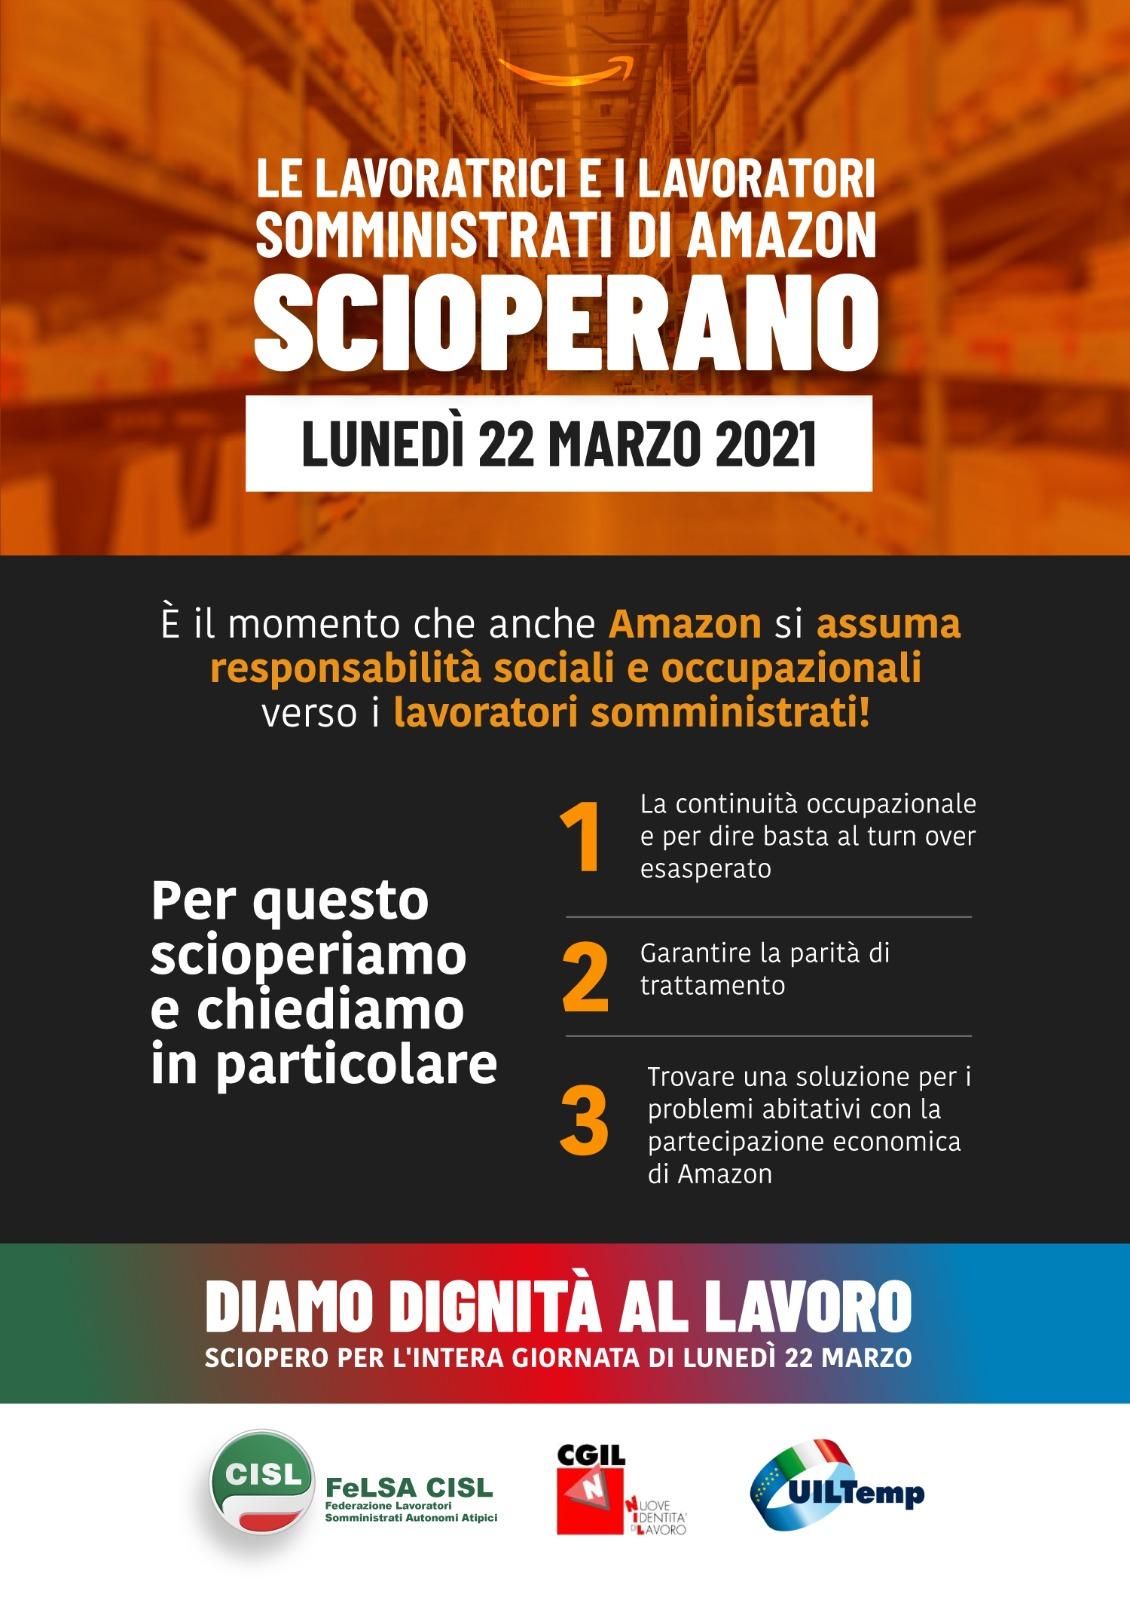 Sciopero Amazon 22 marzo 2021 Volantino